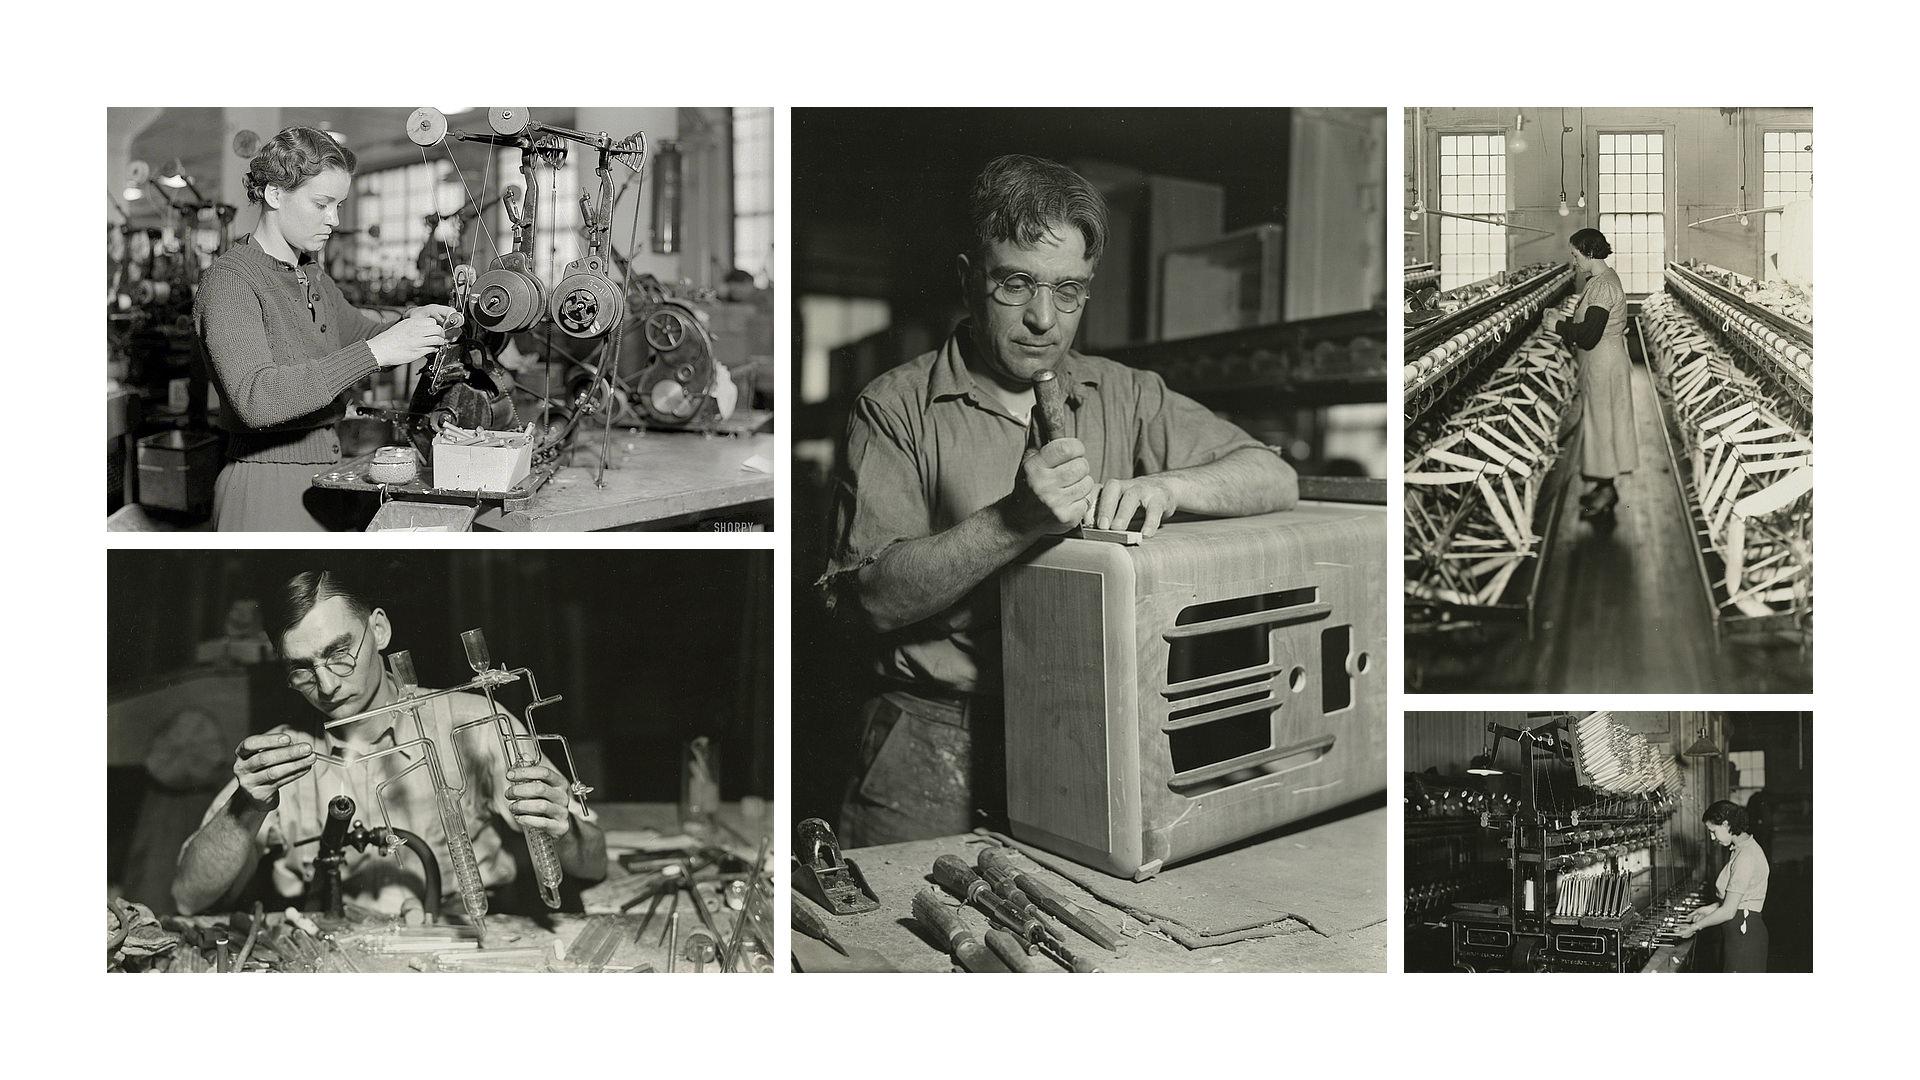 Lewis W Hines - American at work - Historia de la Fotografía - José Álvarez Fotografía